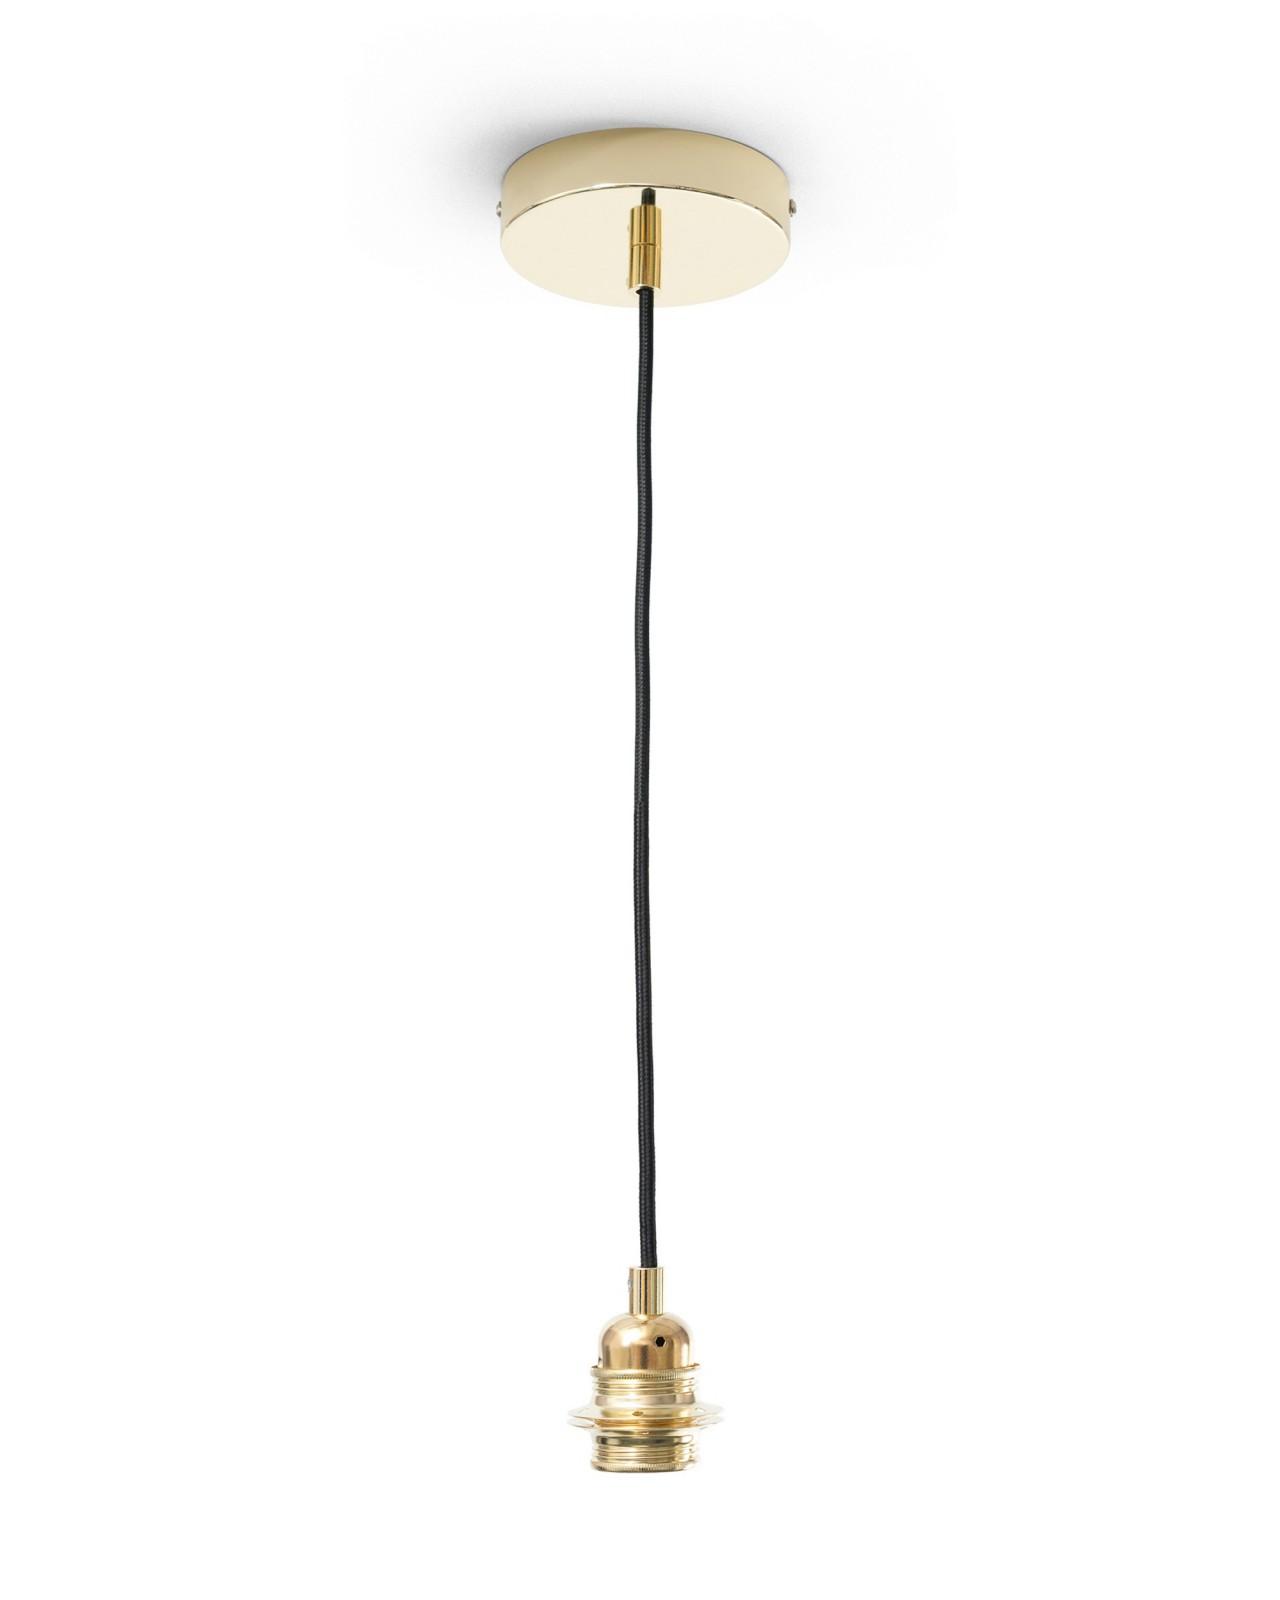 ROYAL HUNTING Pendant Lamp